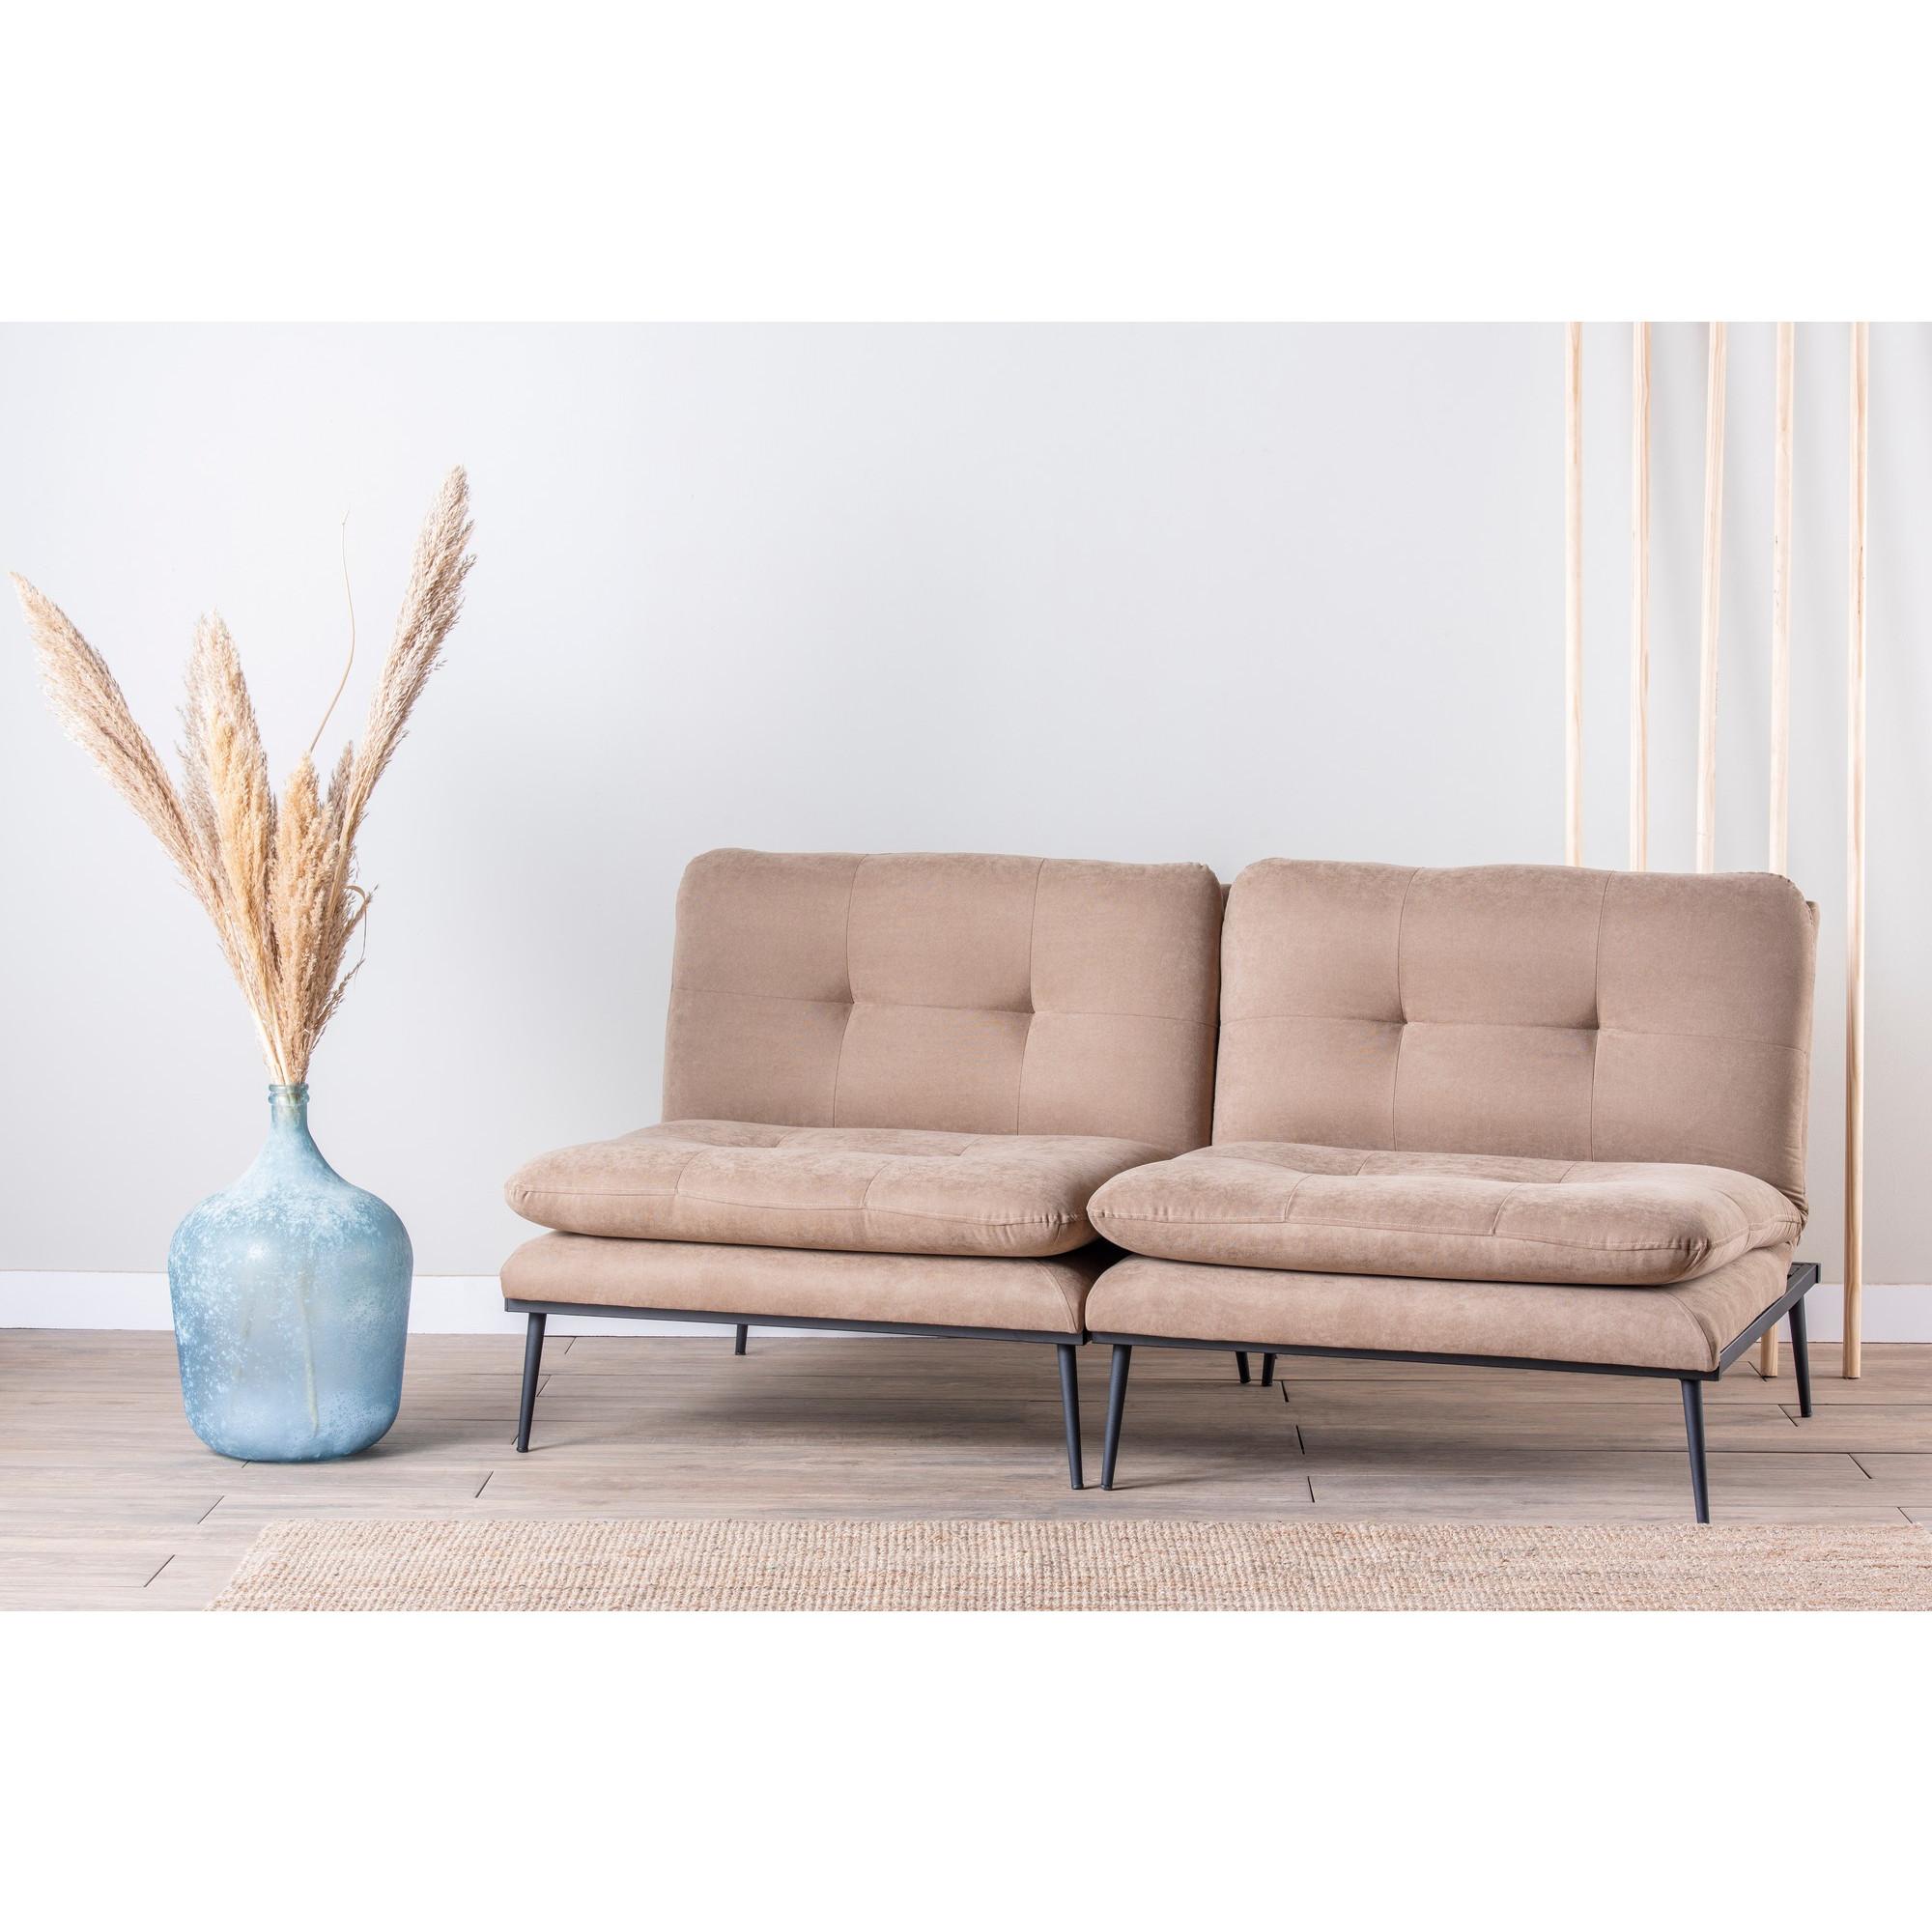 3-Sitz-Sofabett Martin | Beige